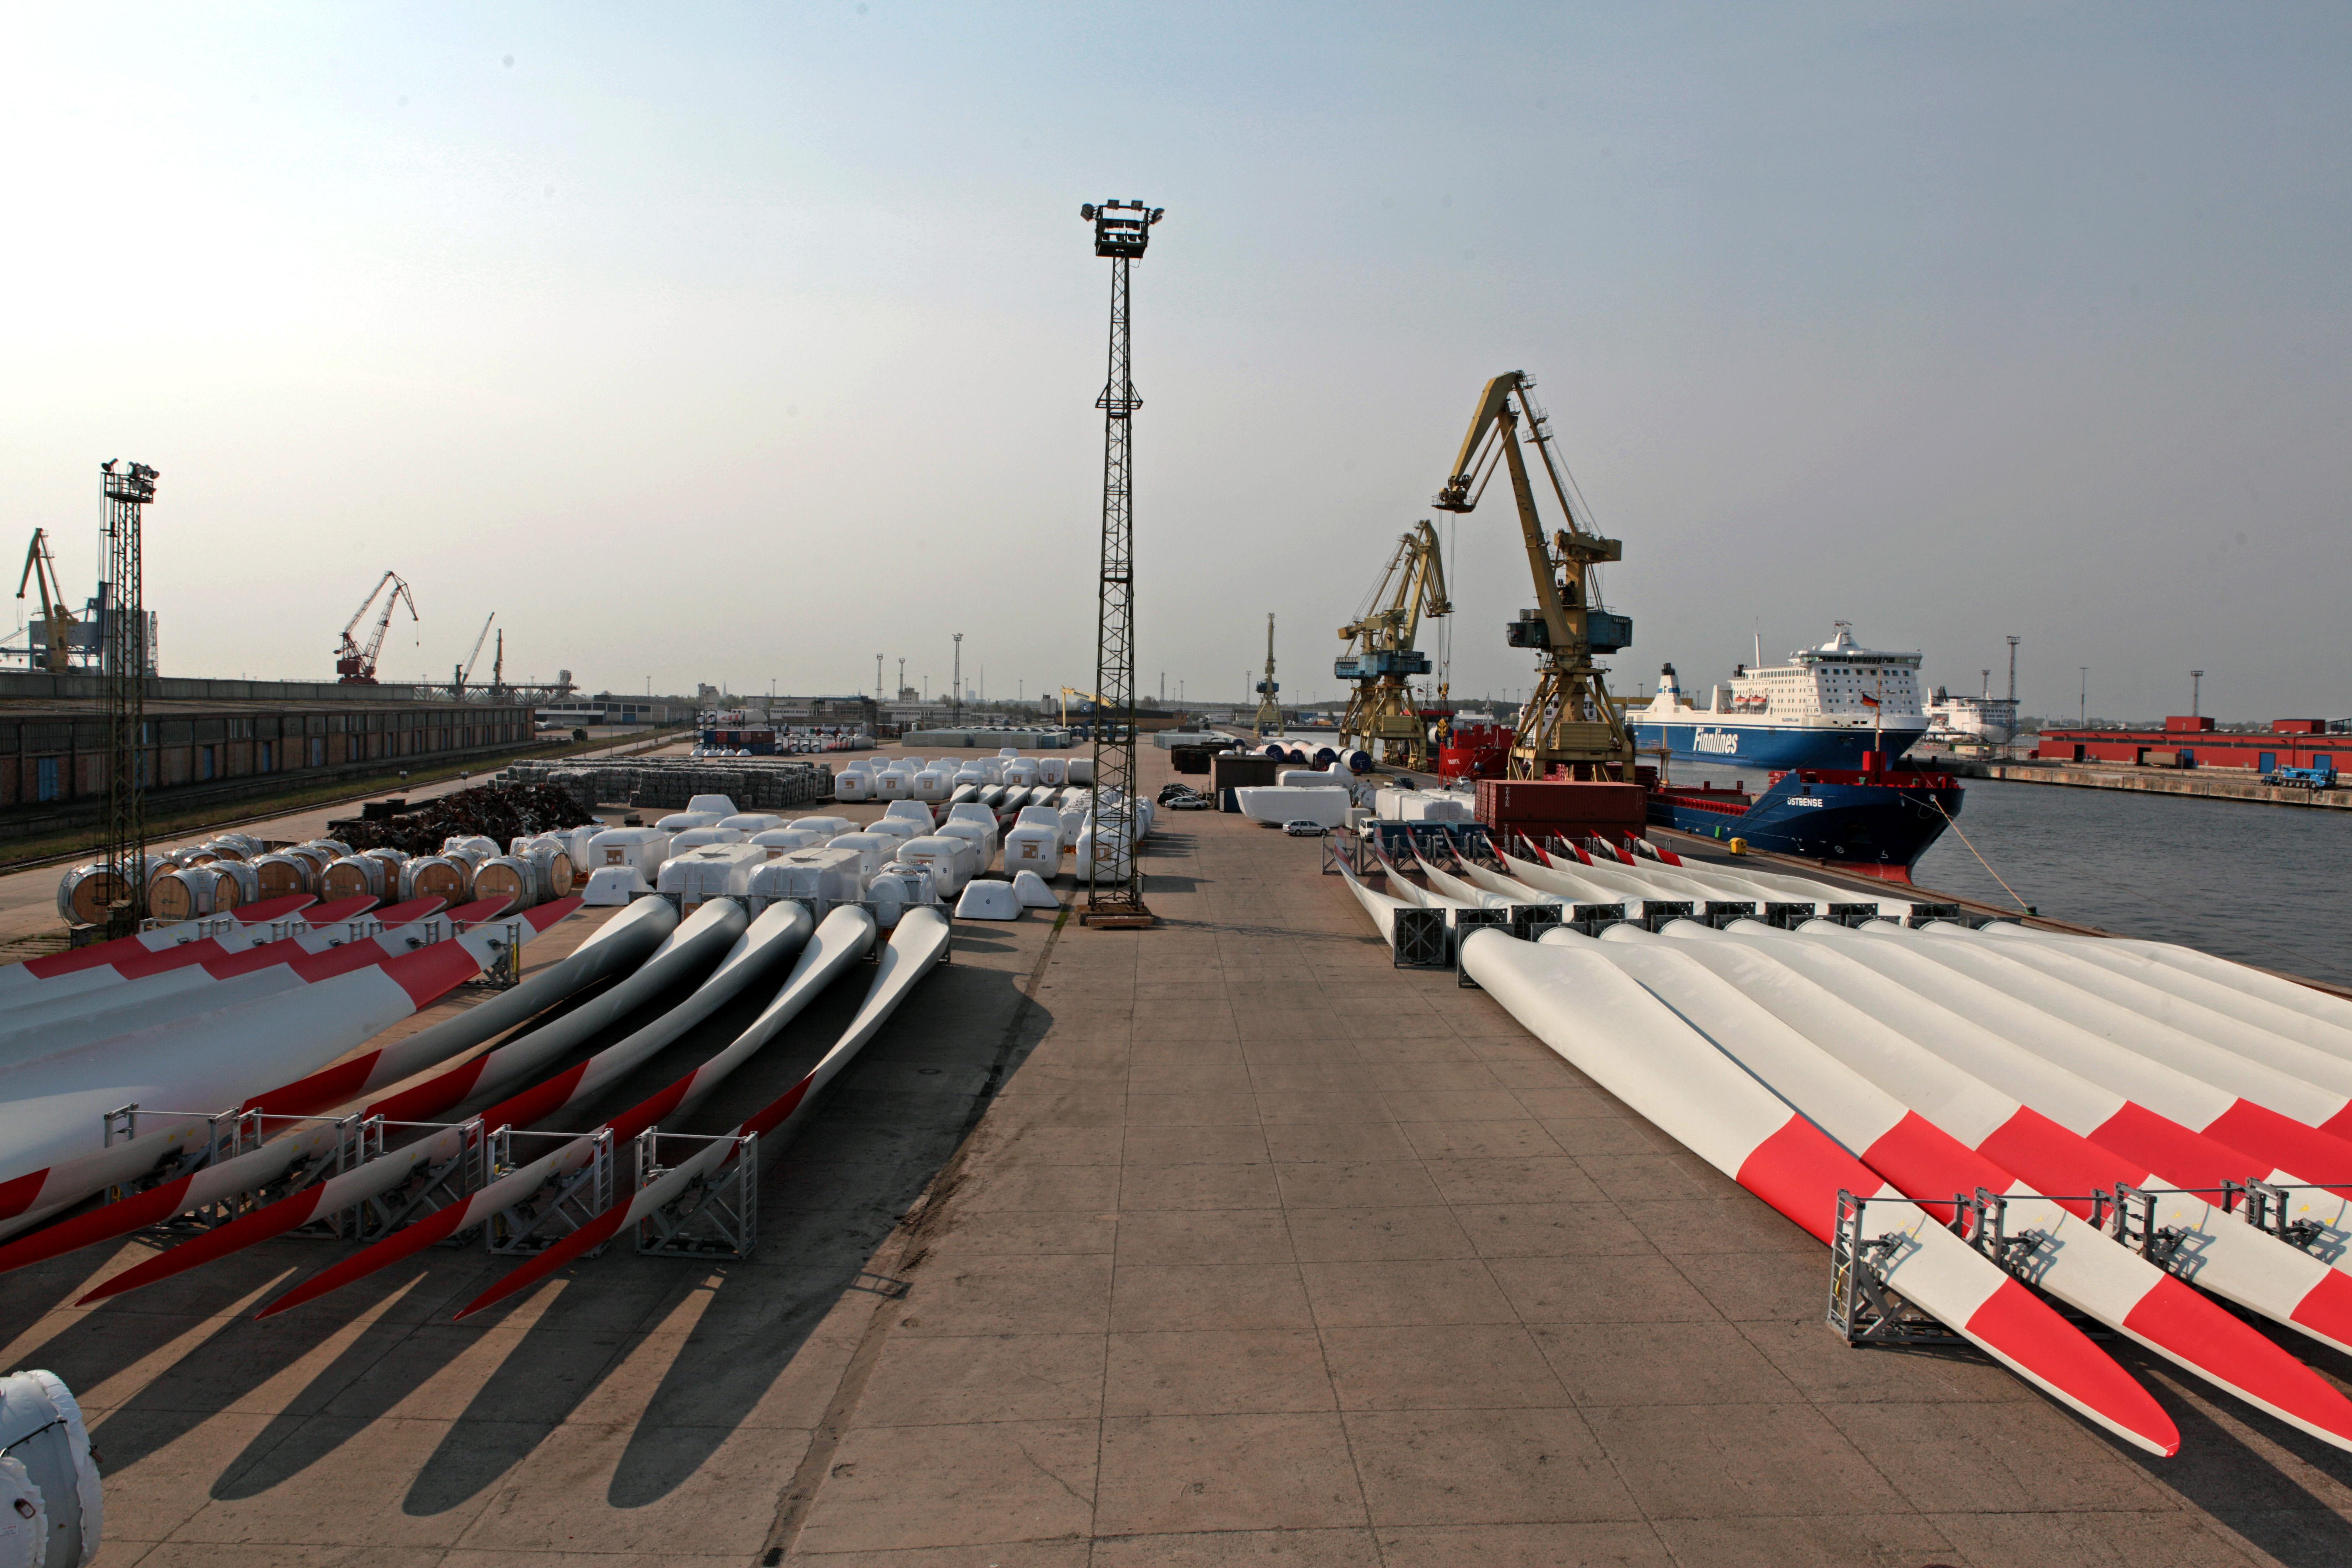 Die Nordex hat weiter Kurspotential, weil der Windradhersteller verstärkt auf den Absatz im Ausland setzt. Im Bild Windradflügel von Nordex vor dem Abtransport. / Foto: Unternehmen